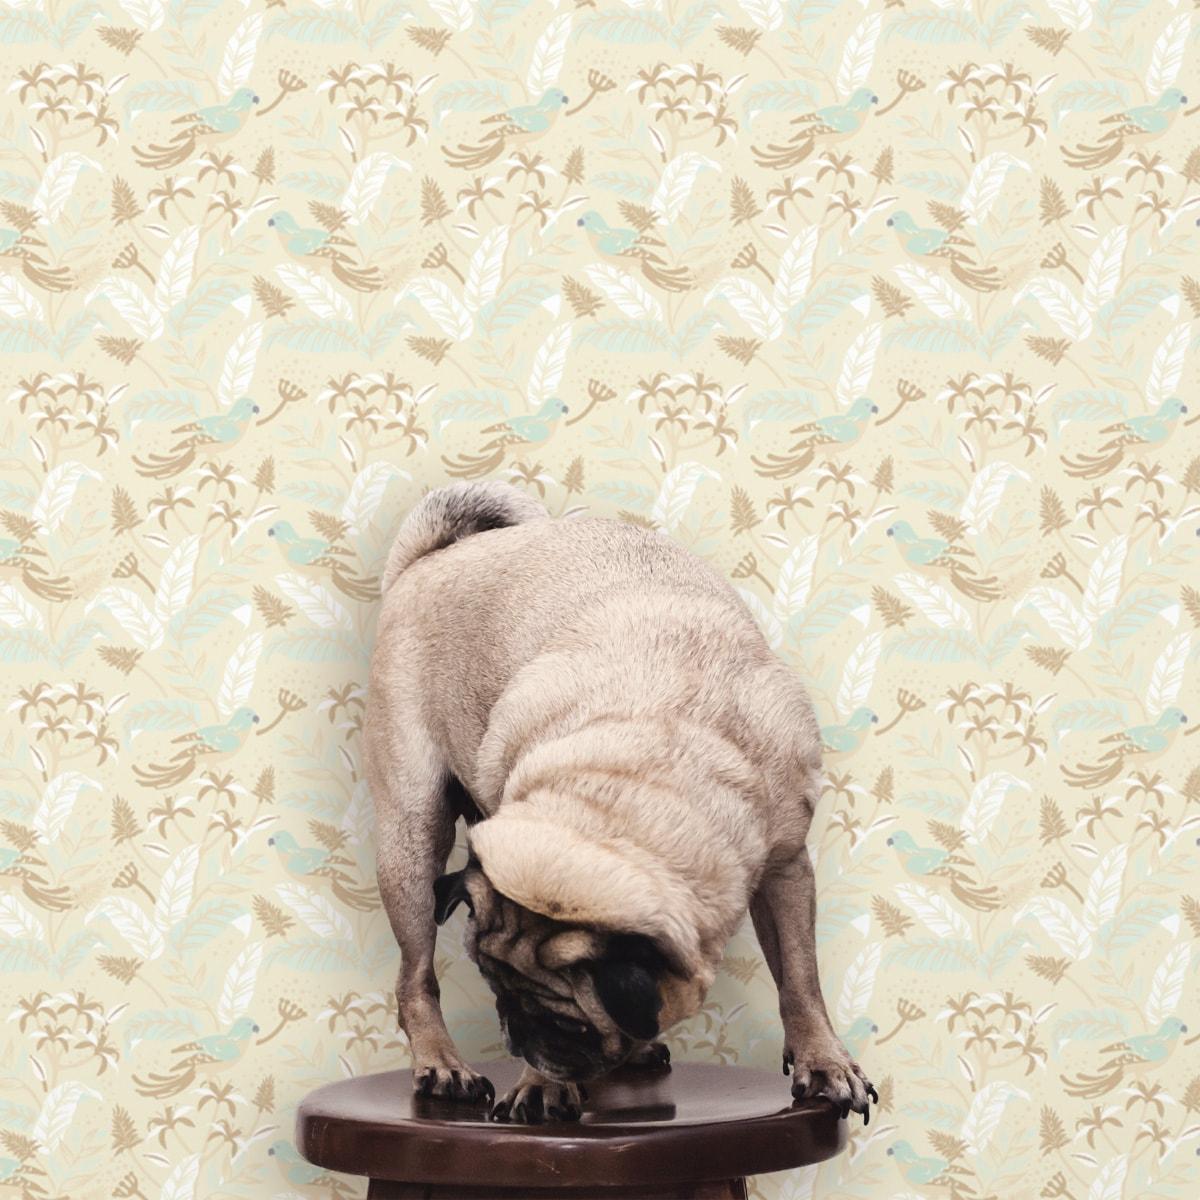 Schlafzimmer tapezieren in creme: Angepasste Diamant Tapete rosa mit Karo - Exklusive Tapeten für schönes Wohnen aus der Serie Grafische Tapeten für Wohn- und Schlafzimmer der Gräflich Münster'schen Manufaktur